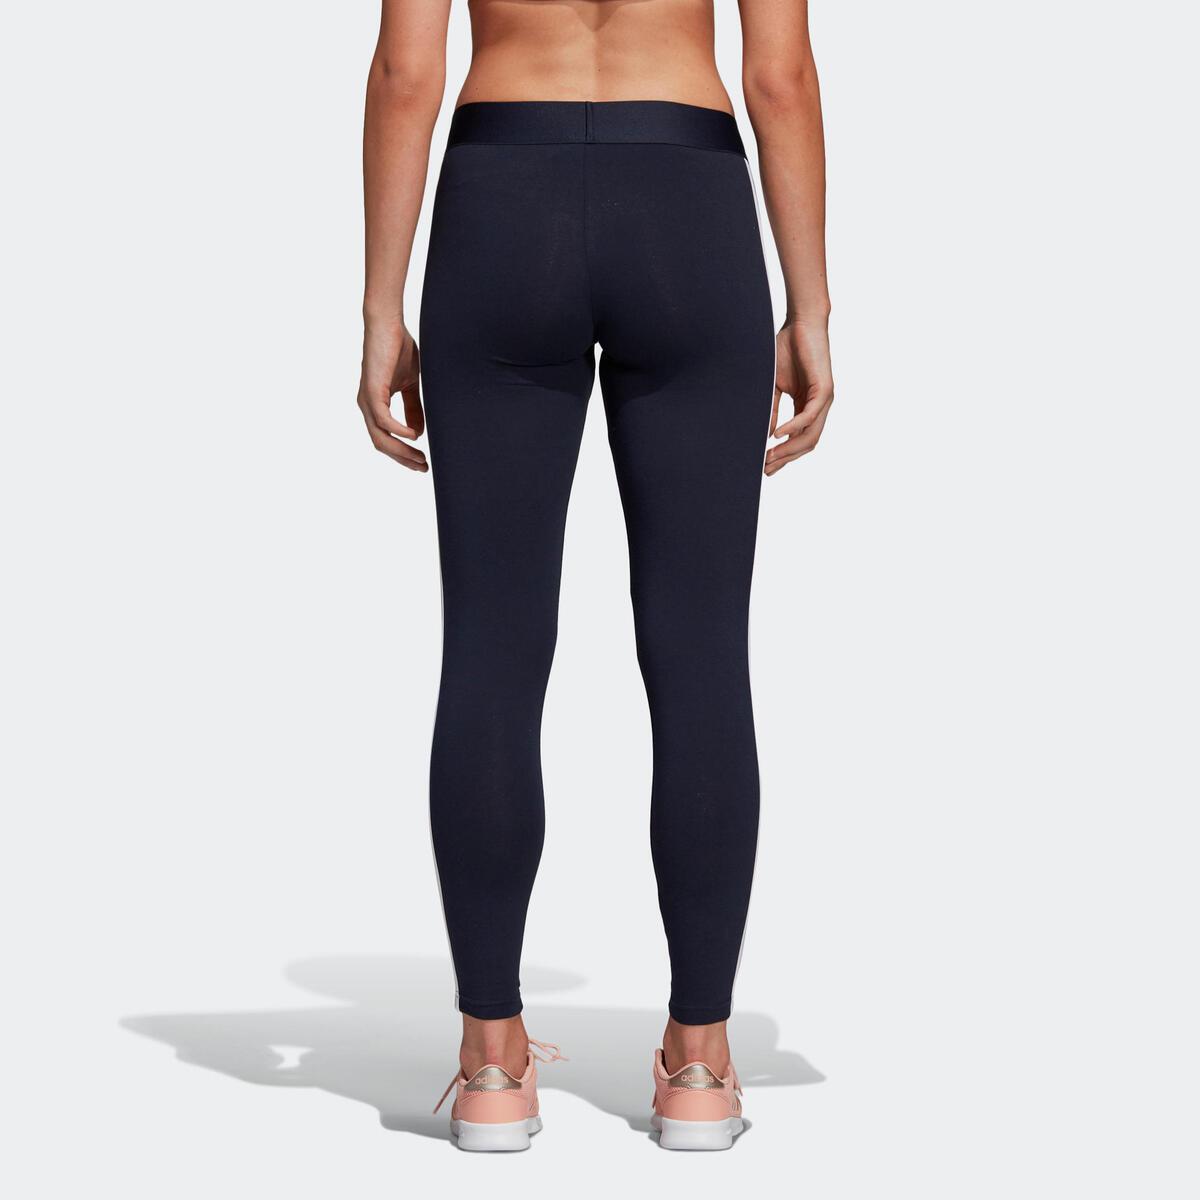 Bild 4 von ADIDAS Leggings 3 Streifen Gym Damen blau